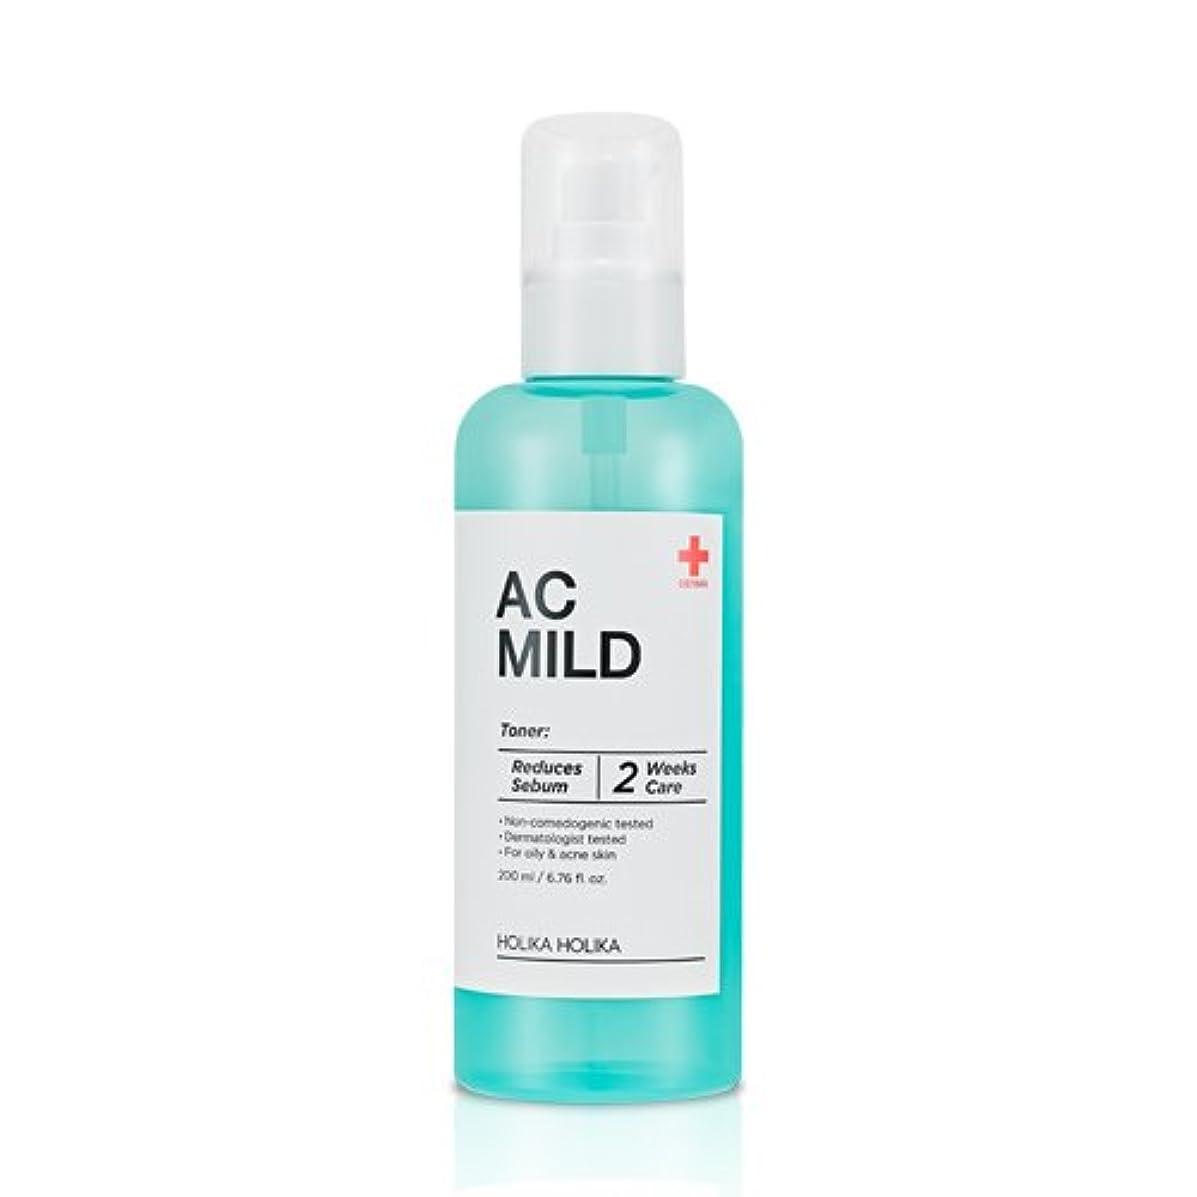 幾何学協同免疫ホリカホリカ ACマイルドスキントナー/HolikaHolika AC Mild Skin Toner 200ml?化粧水 [並行輸入品]